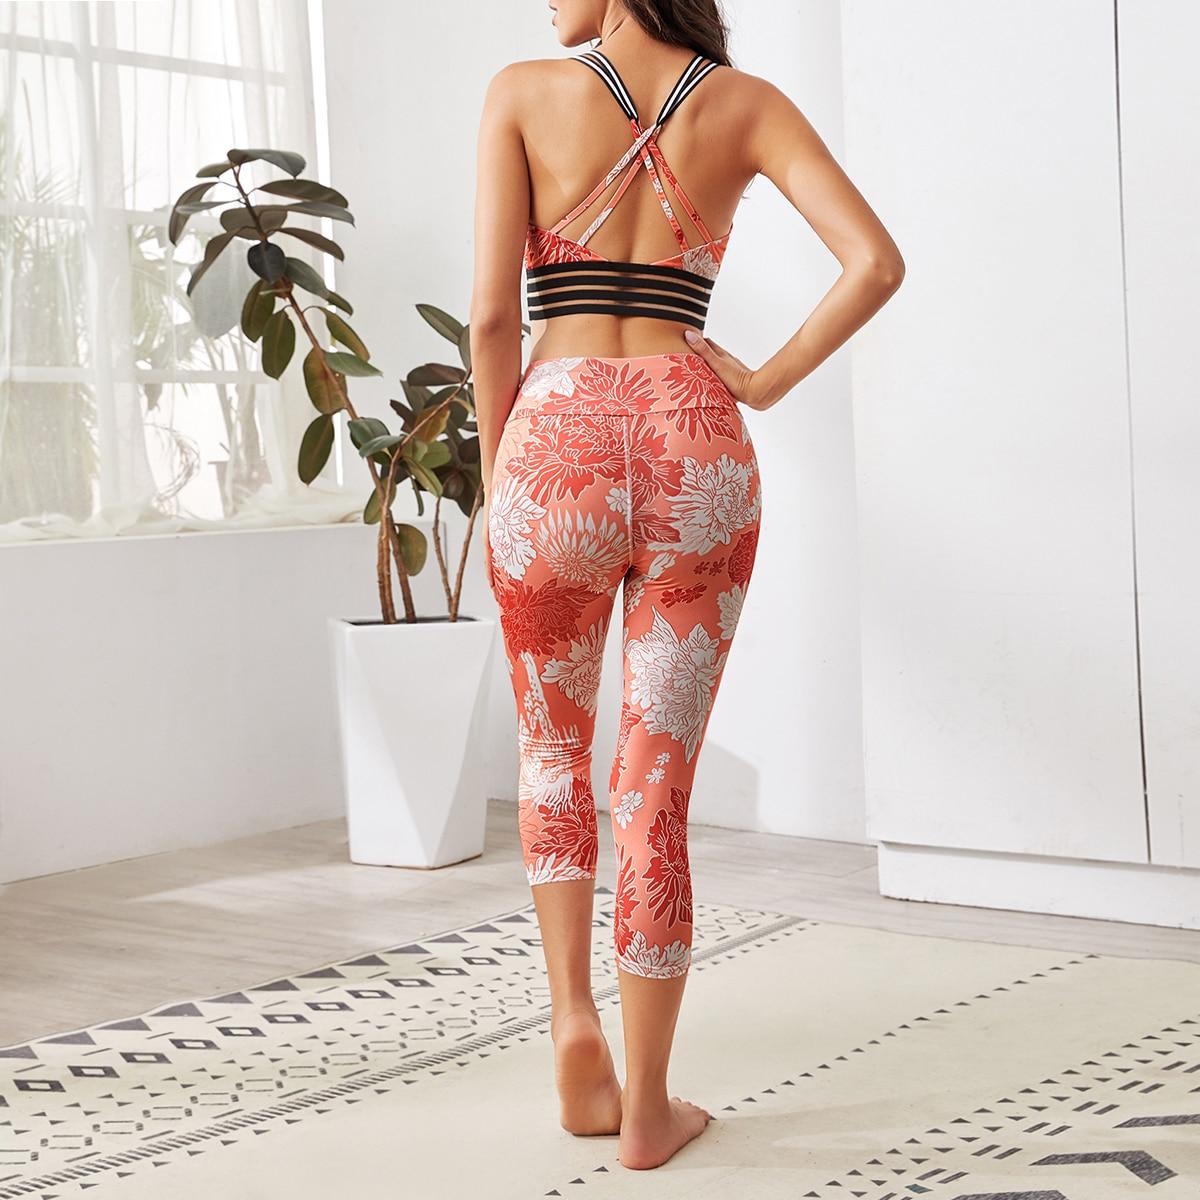 SHEIN / Top con tiras cruzadas con estampado floral con leggings capris